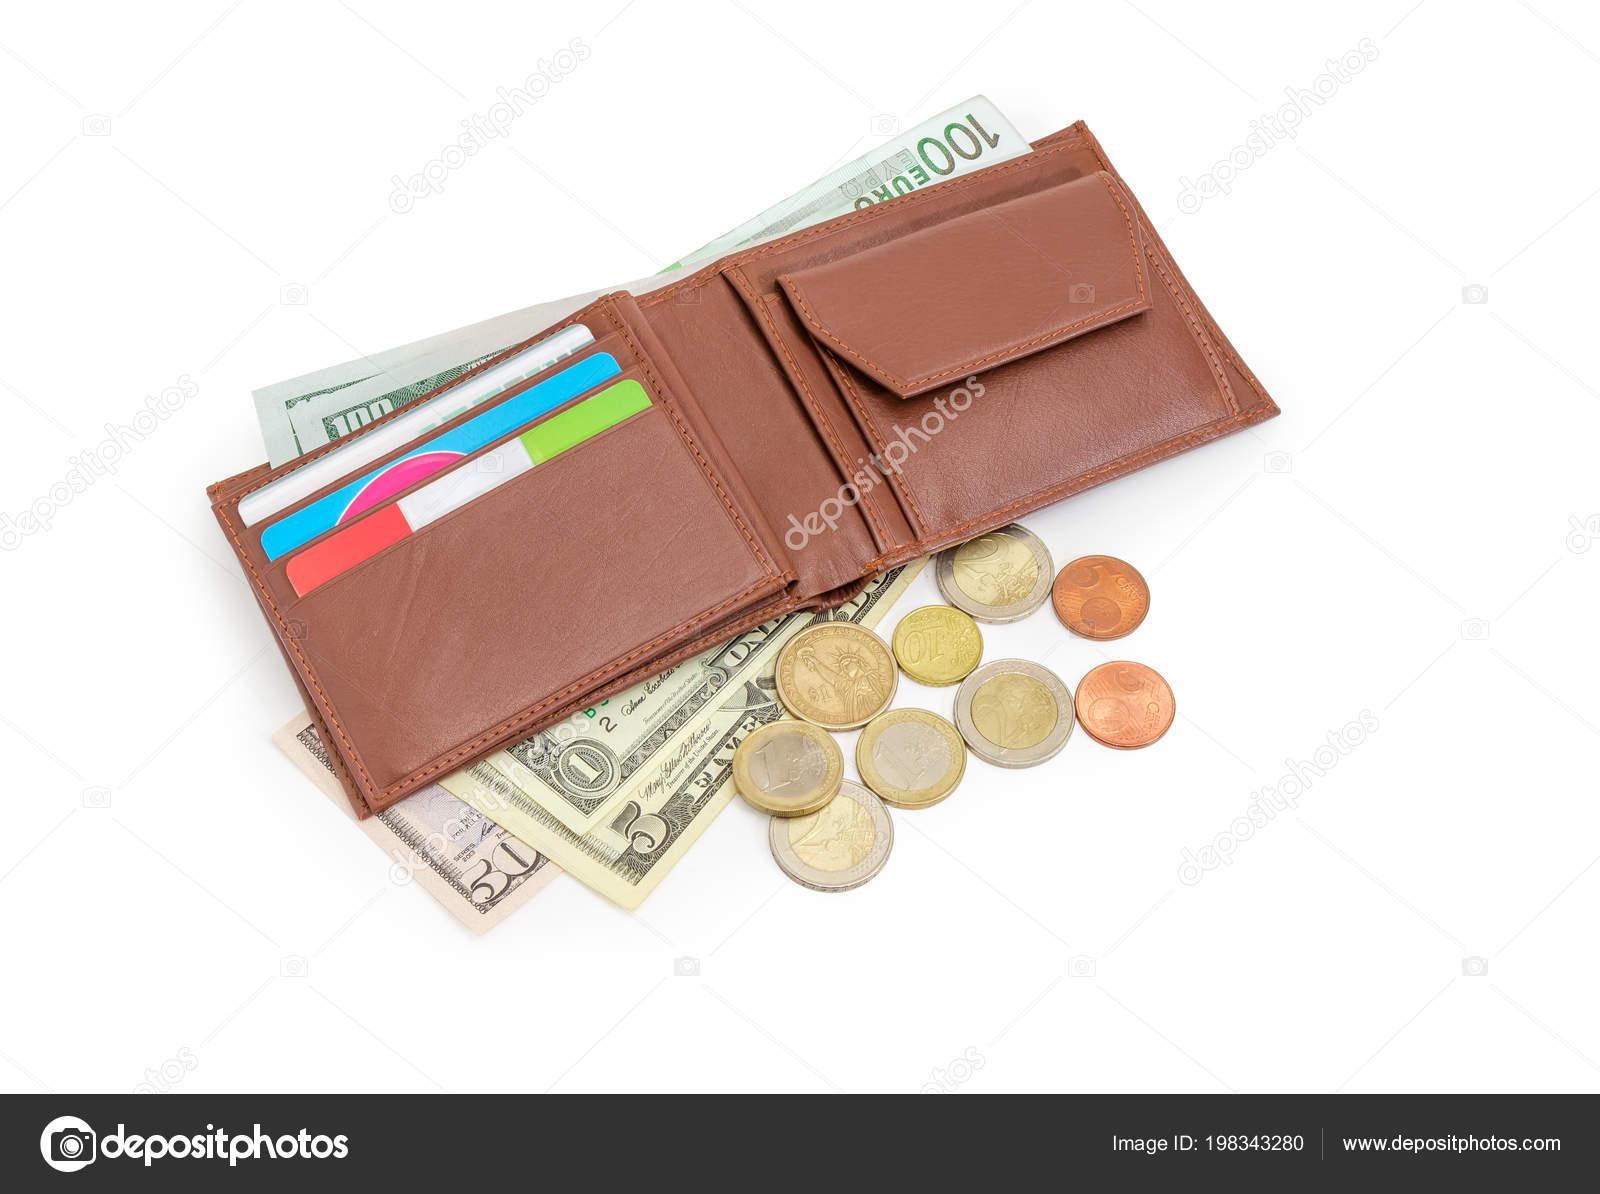 Amerikaanse Leren Bank.Open Bruin Lederen Portemonnee Met Bank Korting Kaarten